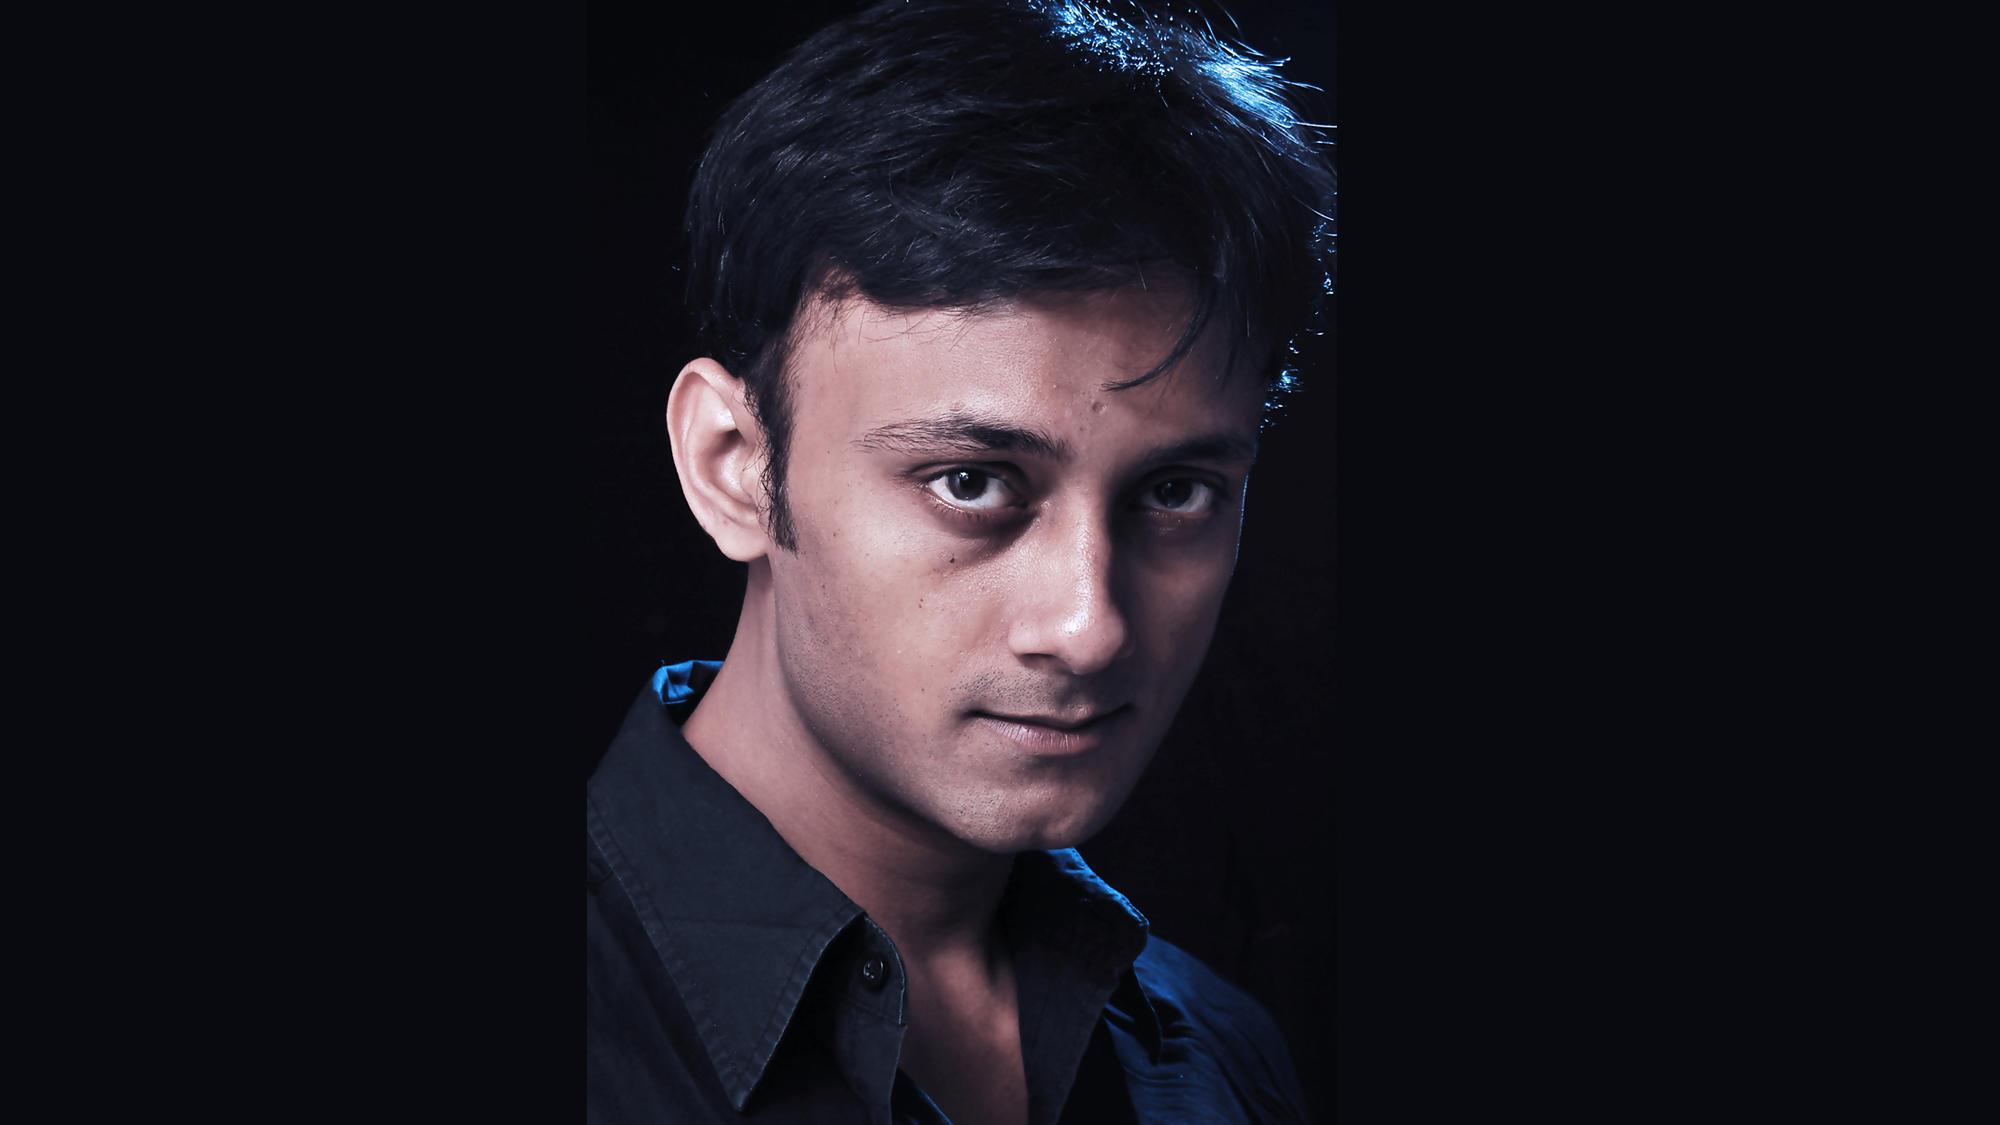 Gaurav Tiwari of the Indian Paranormal Society